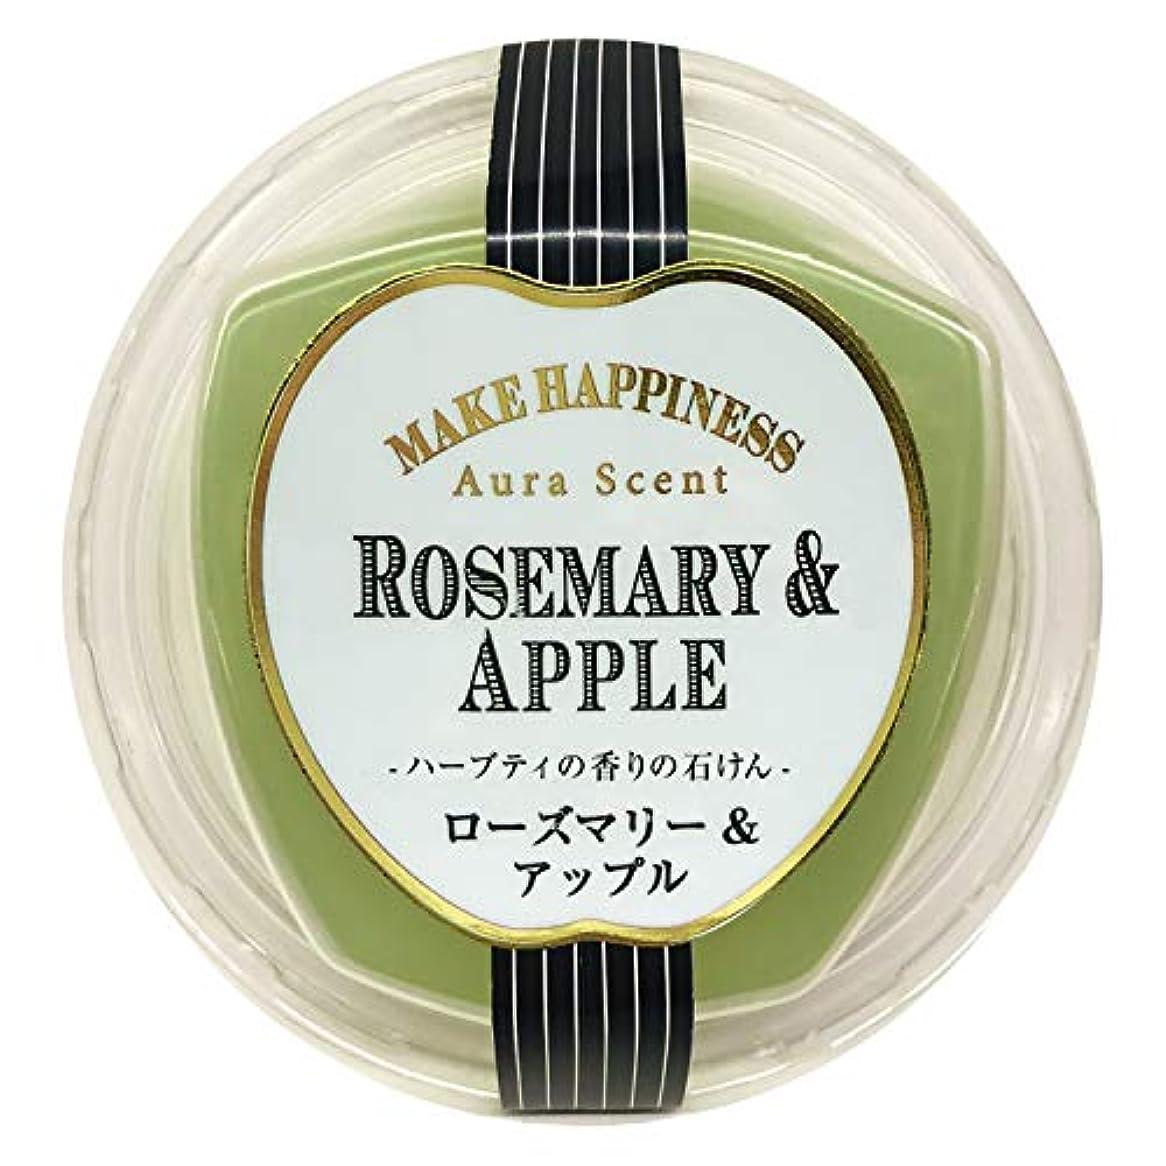 ピンポイント飛躍素子ペリカン石鹸 オーラセント クリアソープ ローズマリー&アップル 75g